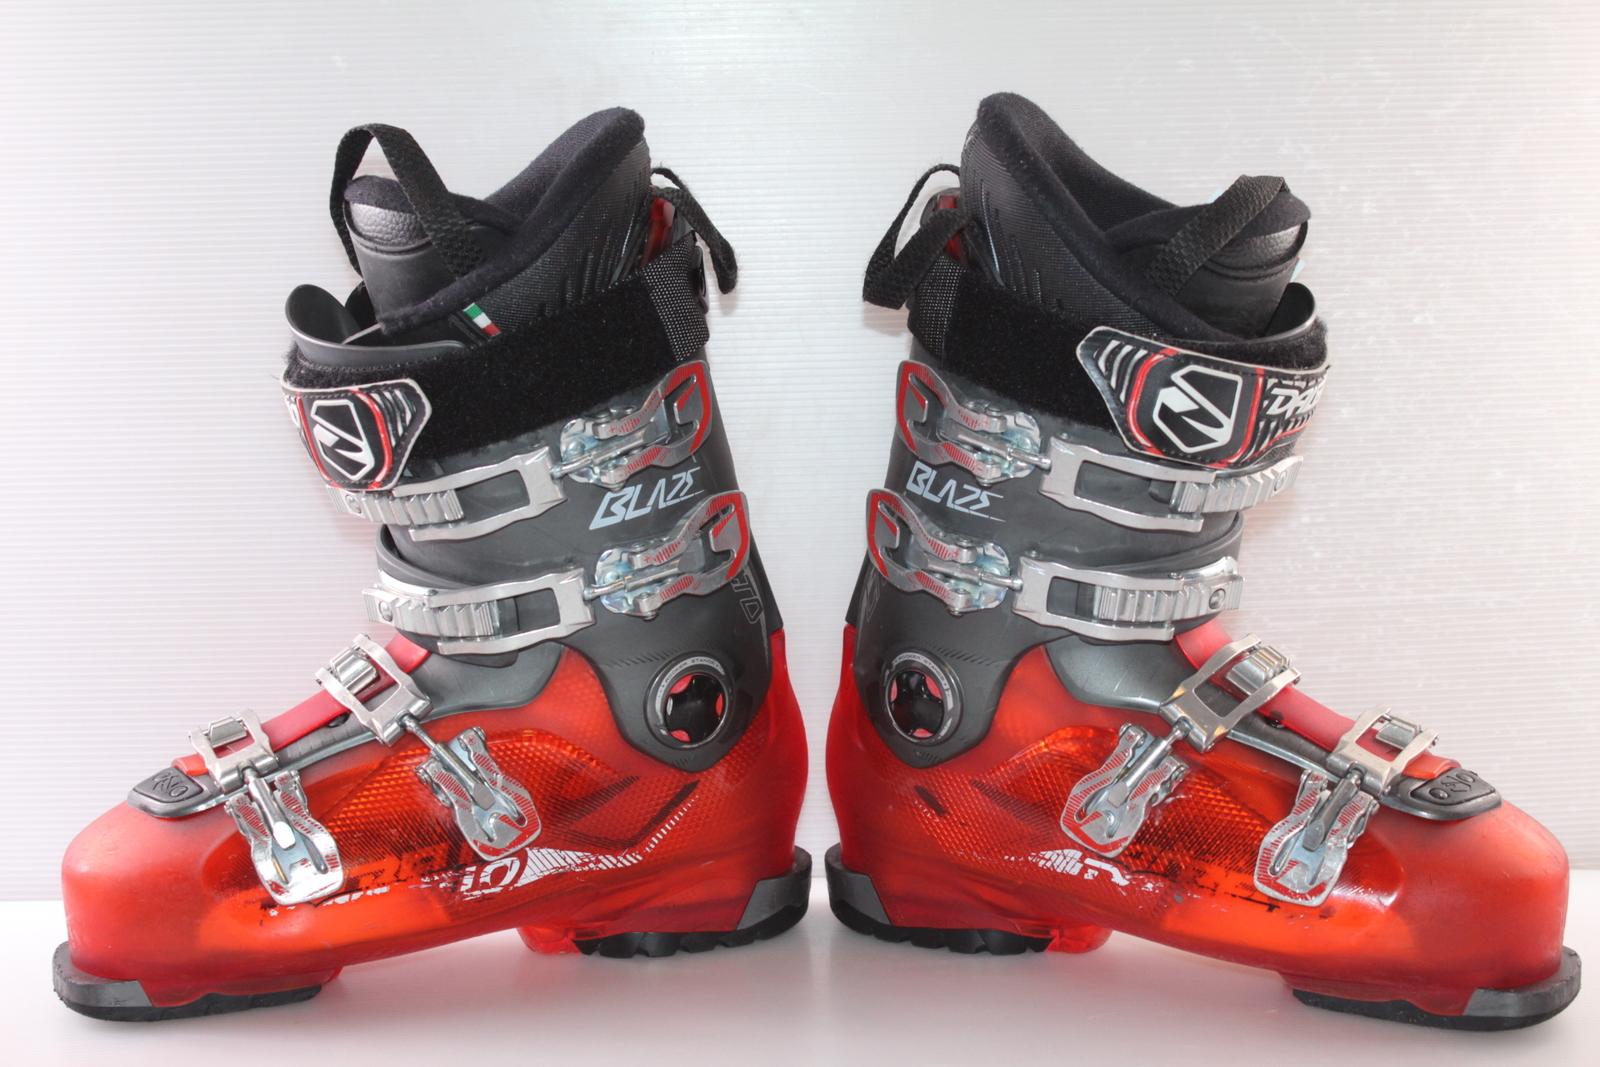 Lyžařské boty Dalbello Blaze Ltd vel. EU42.5